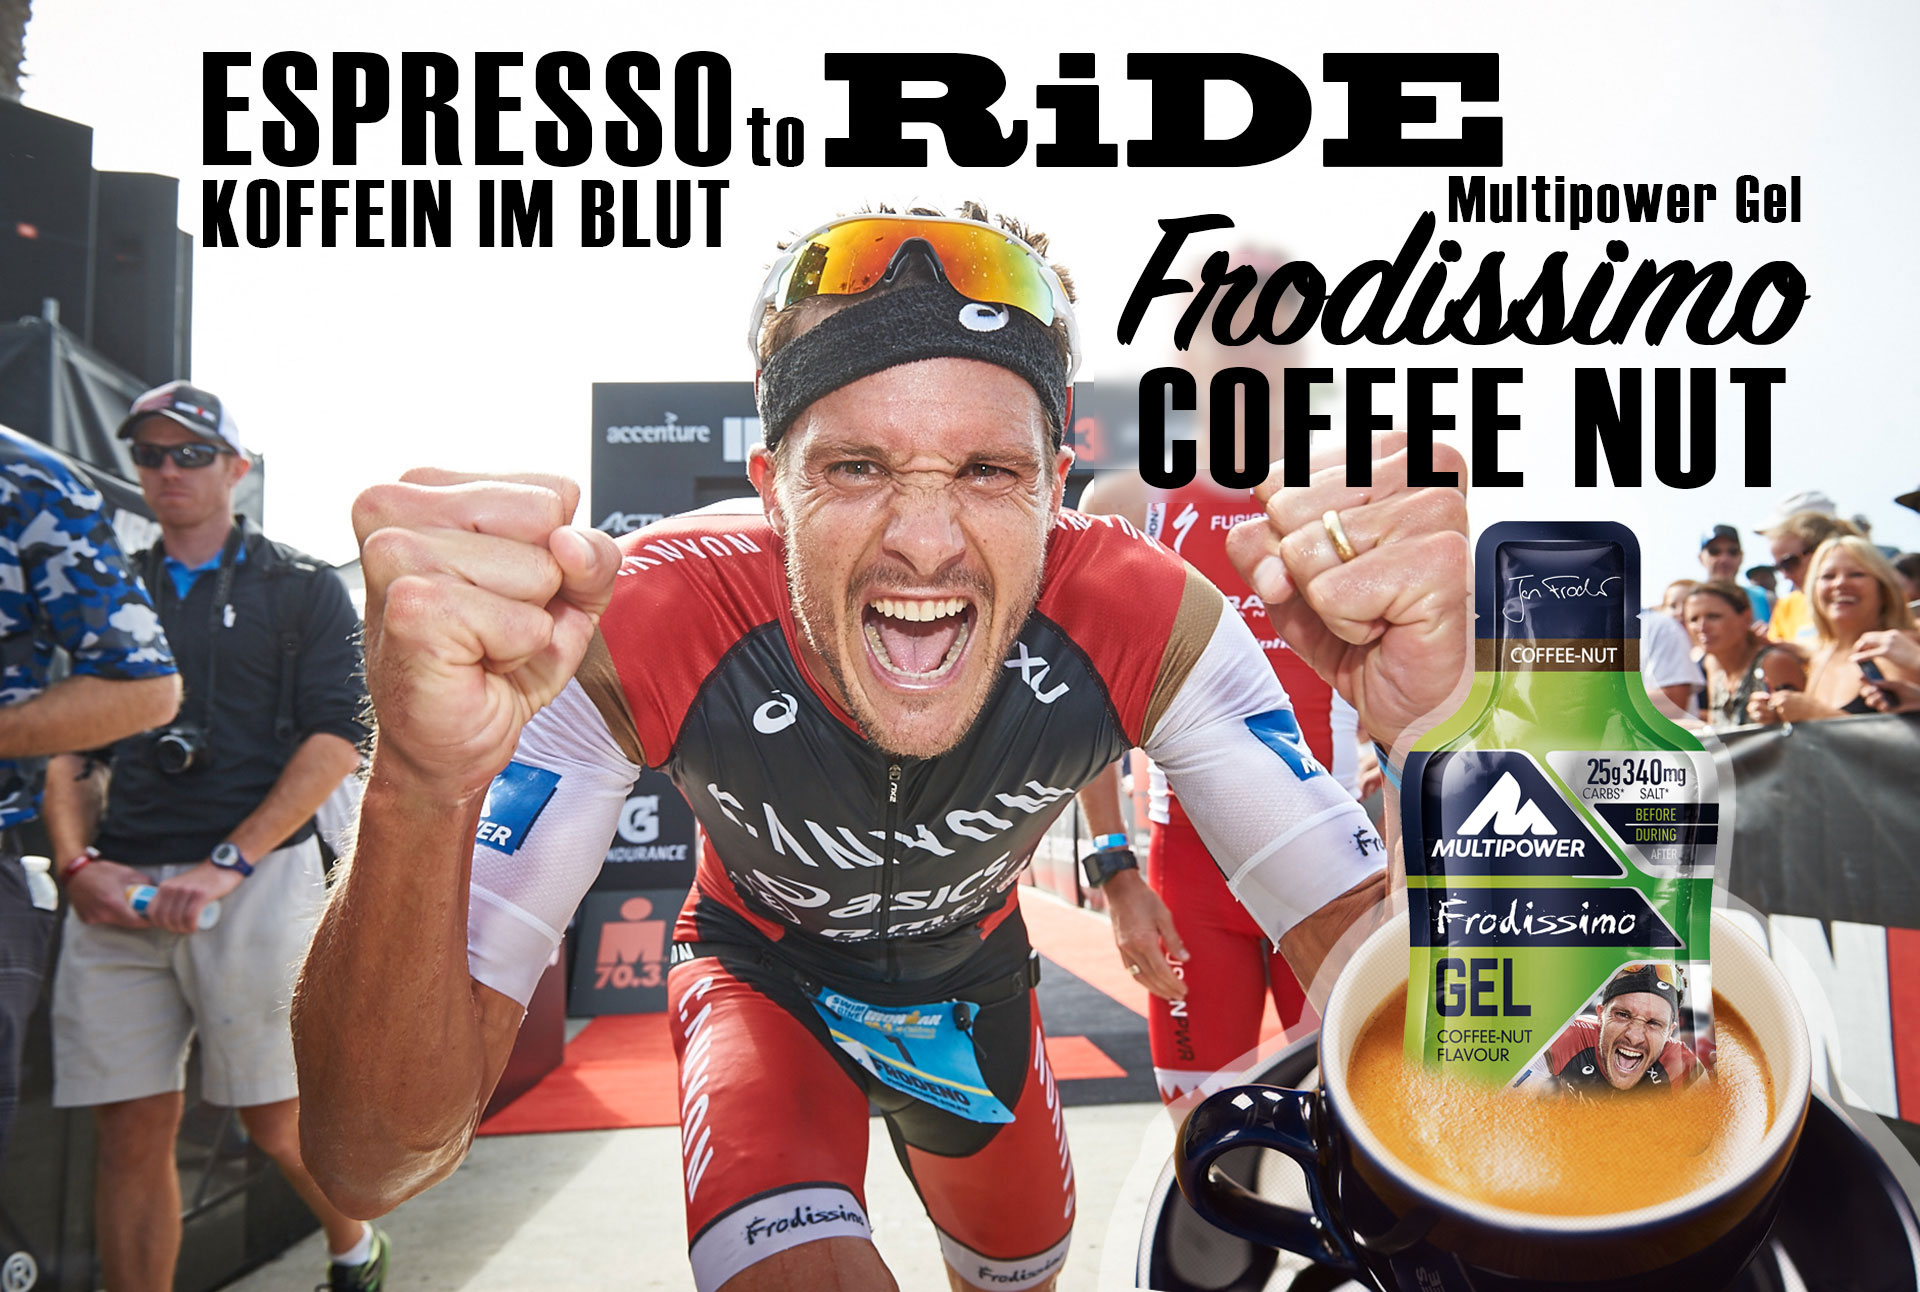 KOFFEIN IM BLUT Espresso to Ride - Multipower Gel Frodissimo Coffee Nut / Keine Kompromisse für Ironman Weltmeister Jan Frodeno © Multipower